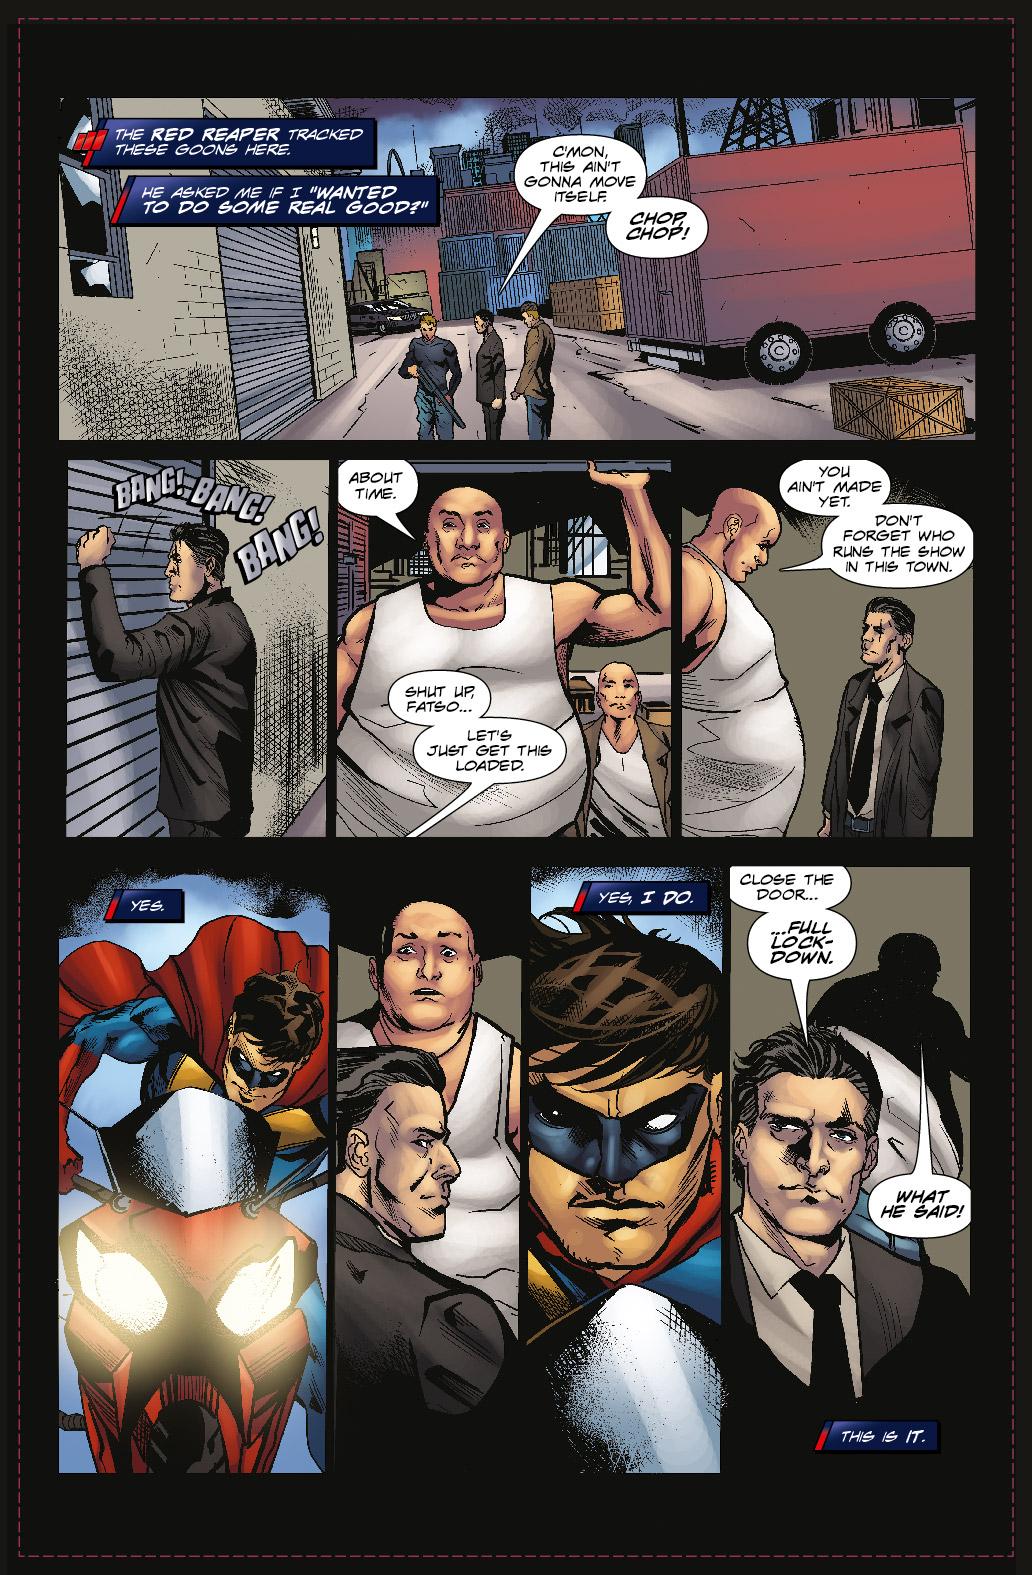 Kinetic 003 - Page 001-v3.jpg